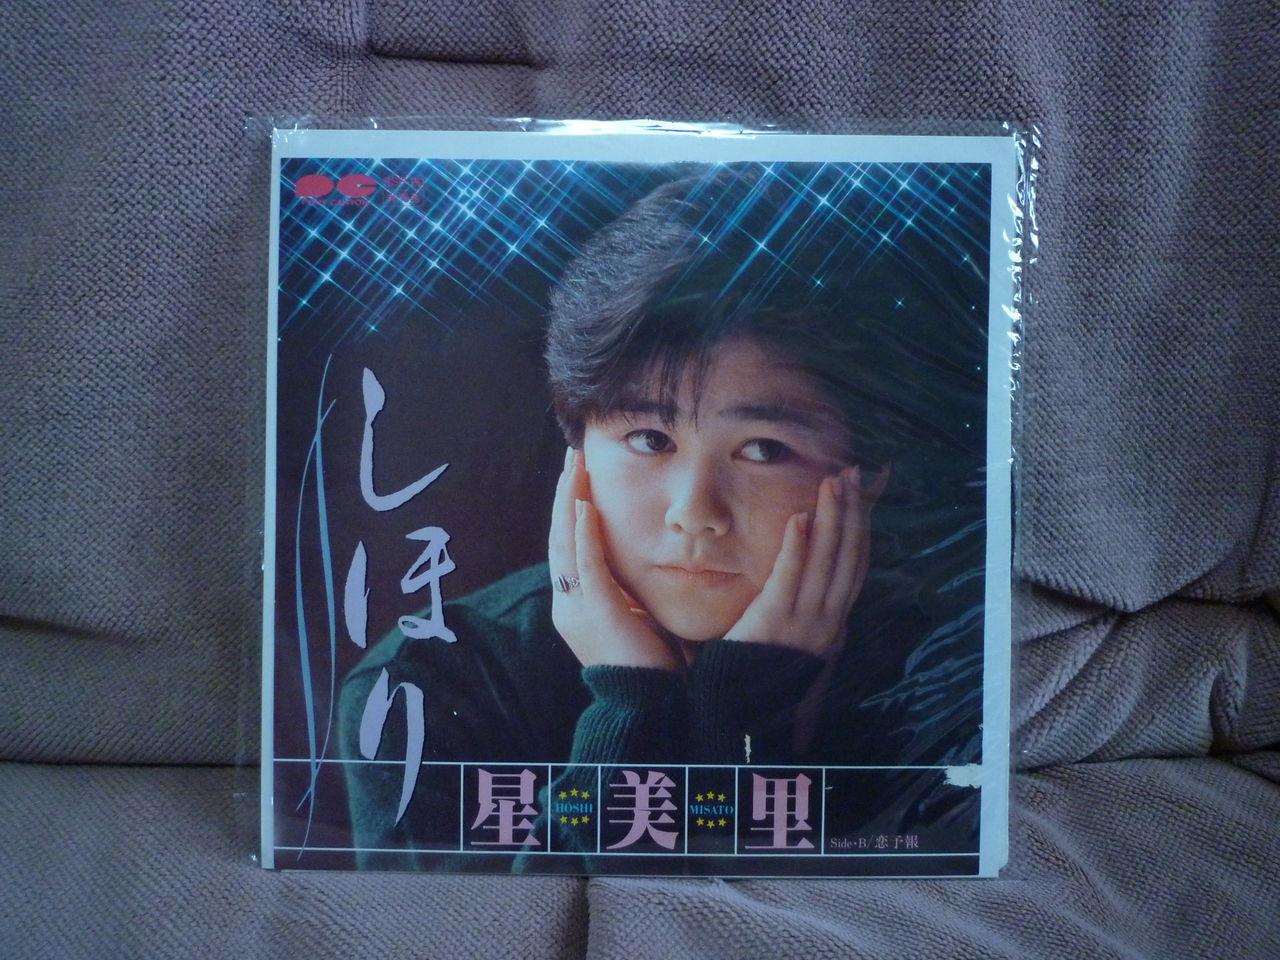 本日の1曲「ジョニィへの伝言」by 夏川りみ+星美里時代のレコード ...